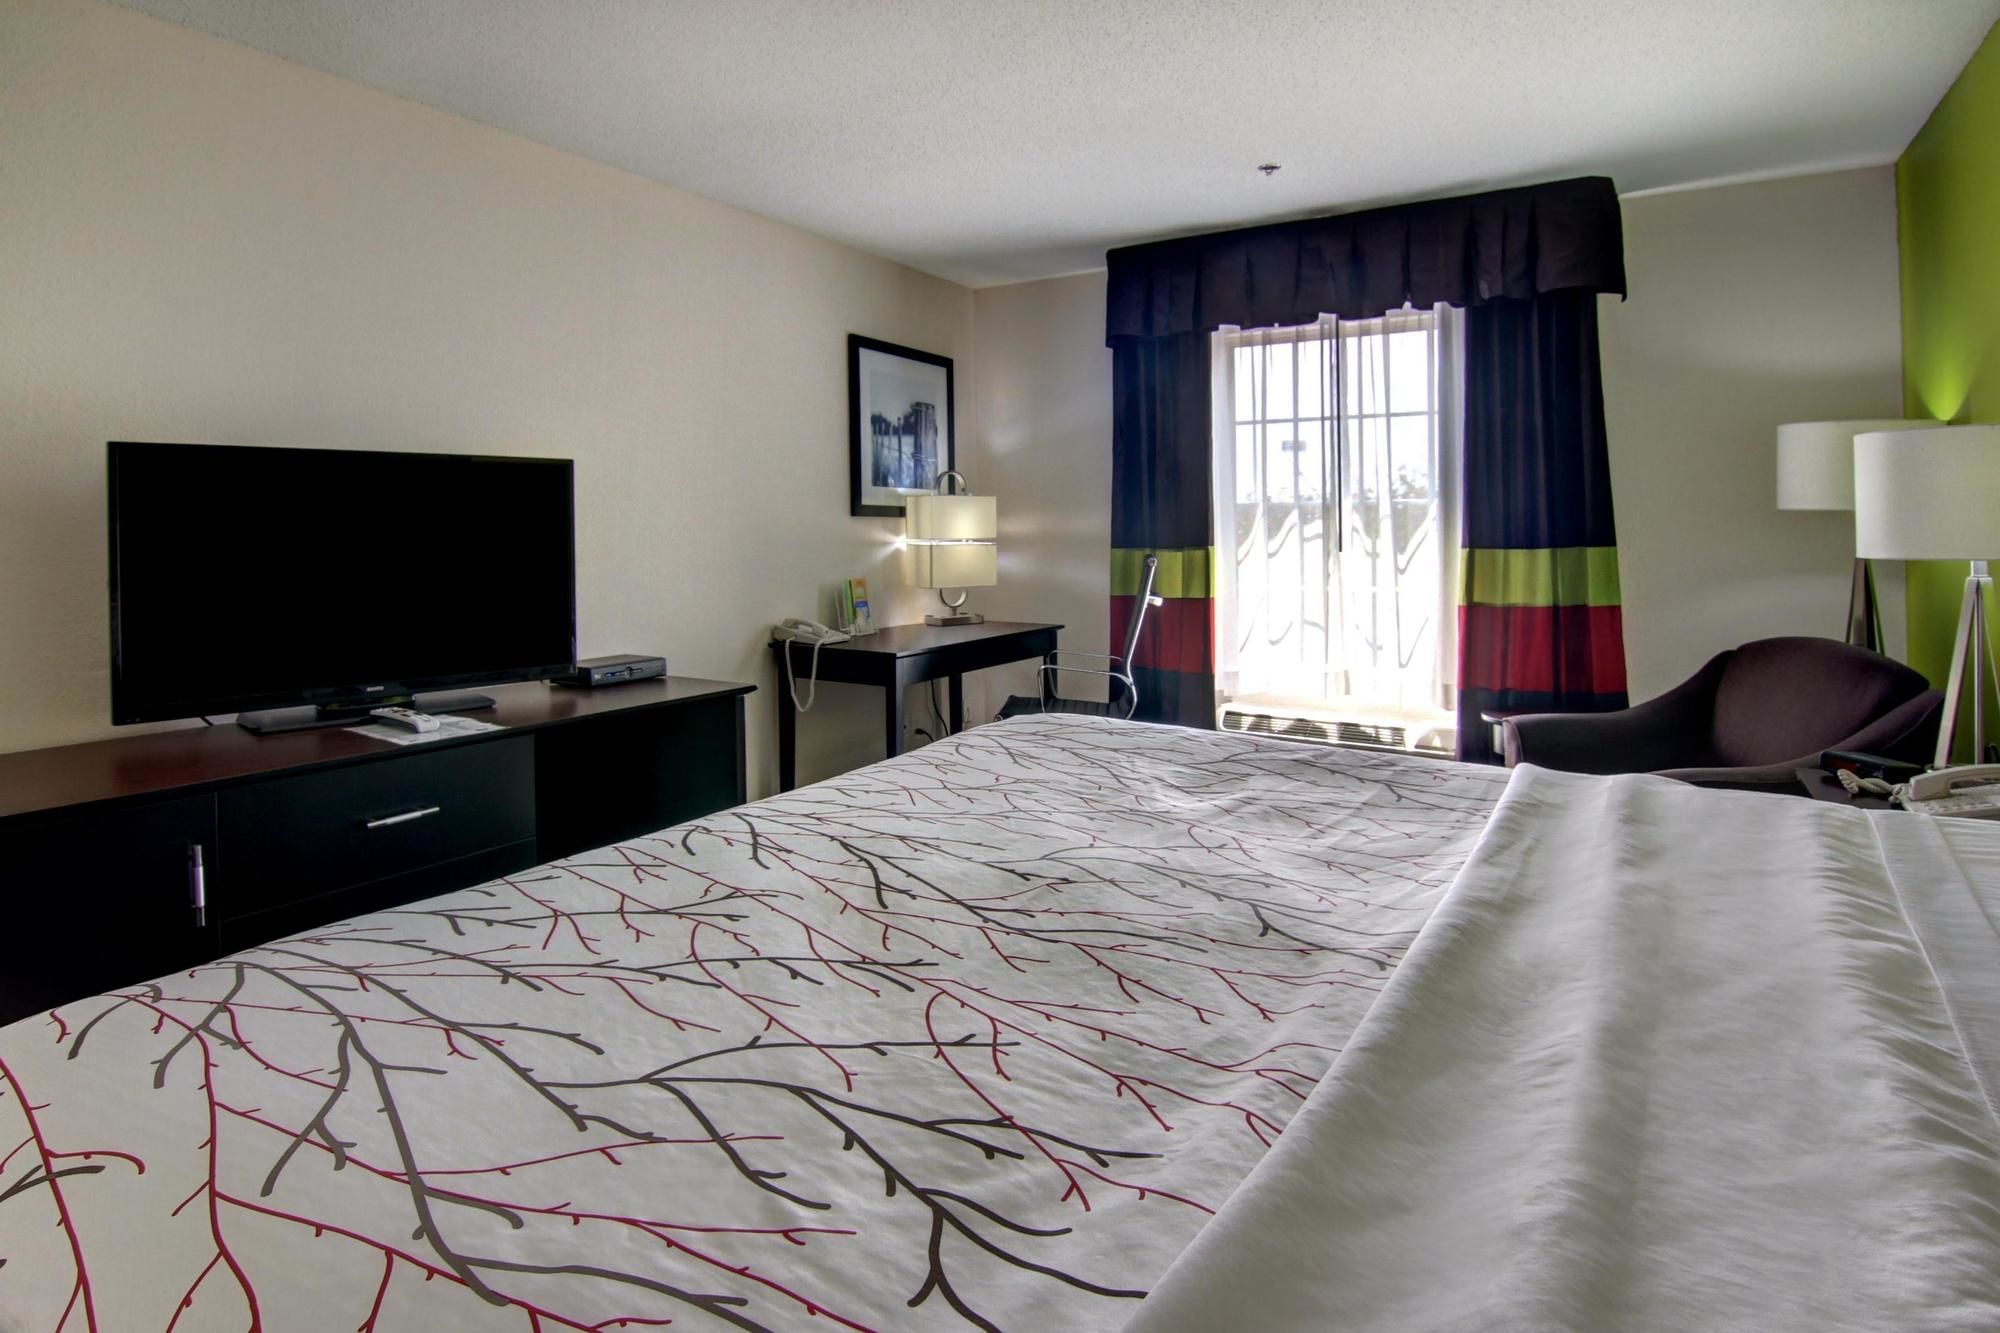 LaQuinta Inn & Suites in Calhoun, GA